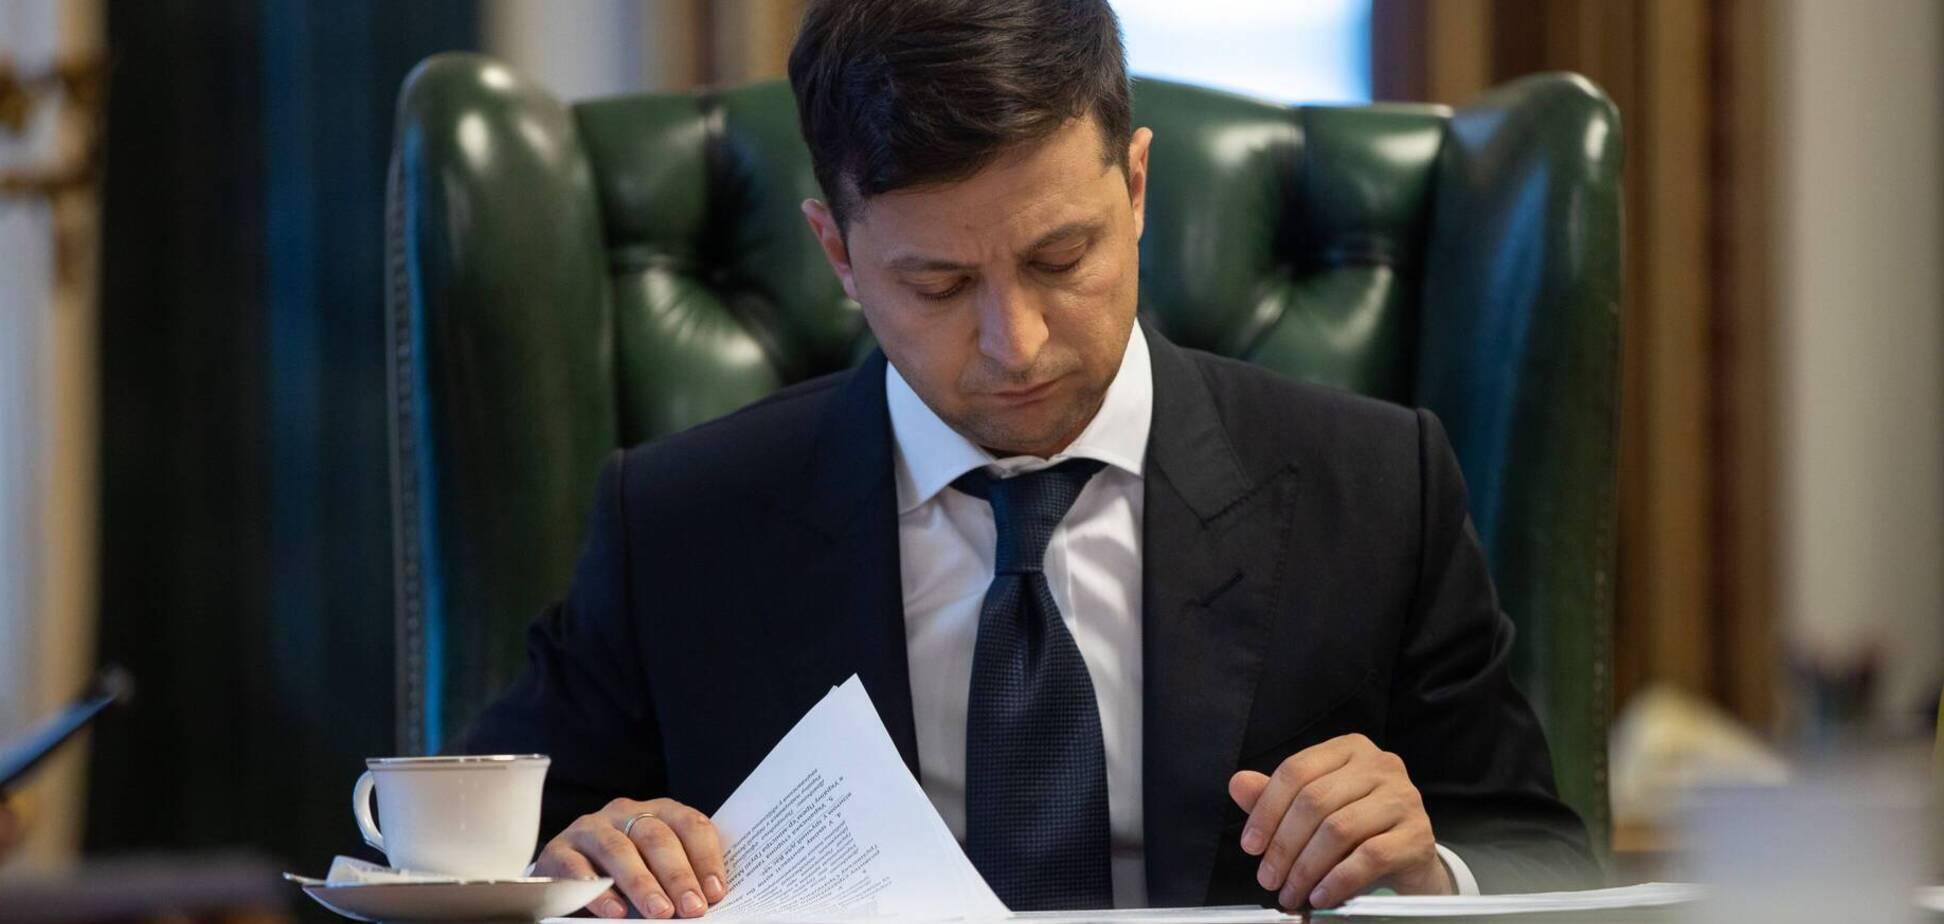 Учреждения культуры смогут снизить плату за аренду: Зеленский подписал закон